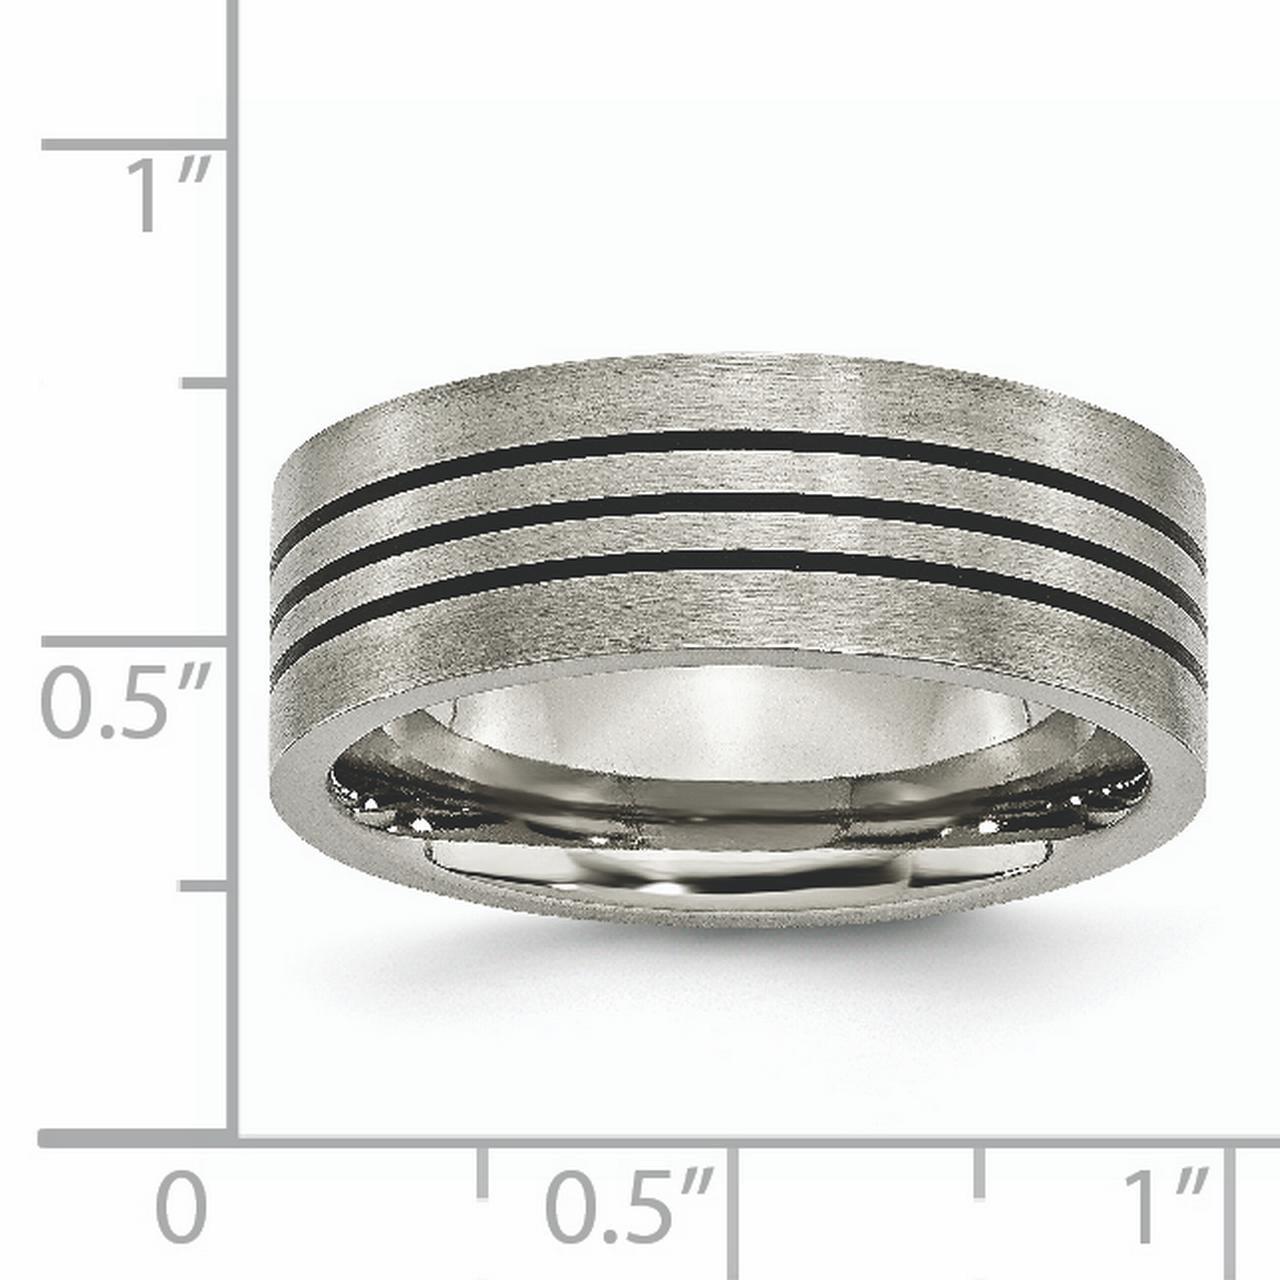 Titanium Enameled Flat 8mm Satin /& Polished Band Box